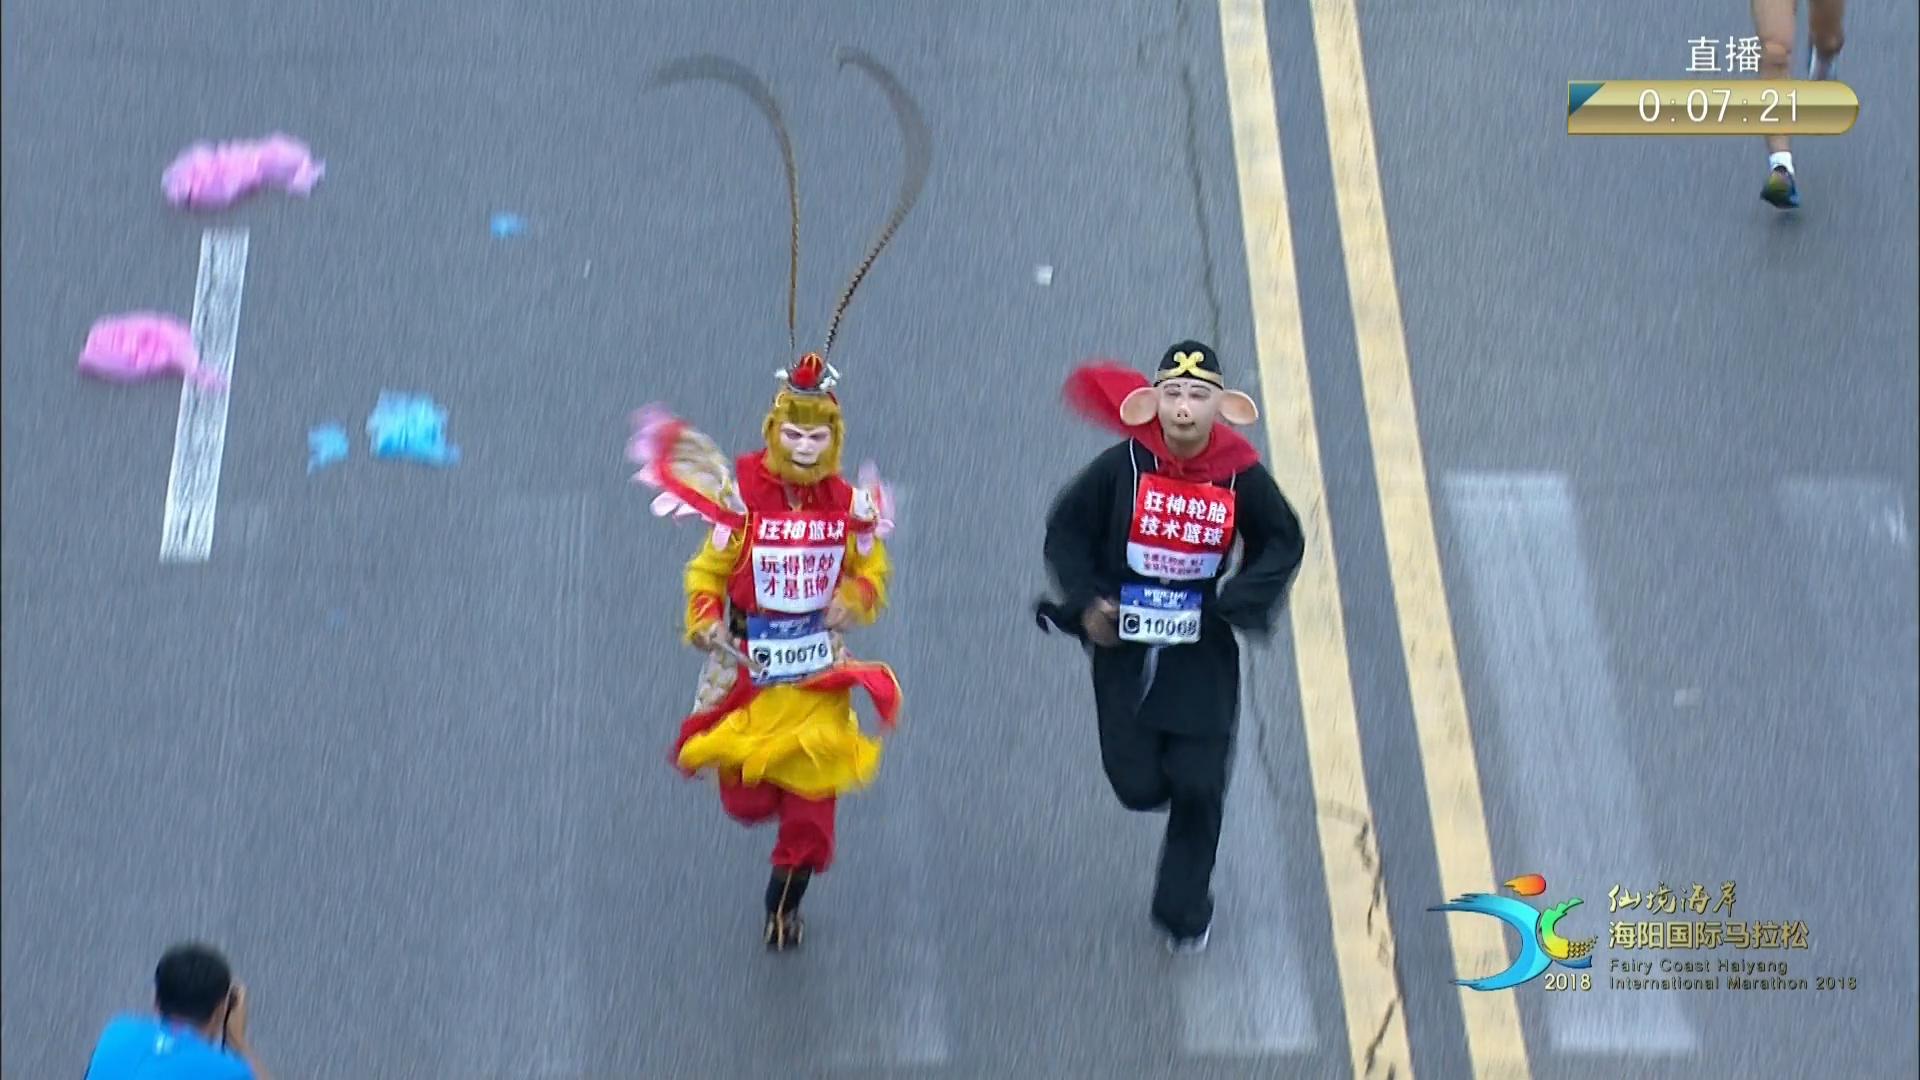 27秒|有趣!选手化身孙悟空猪八戒驰骋马拉松赛场